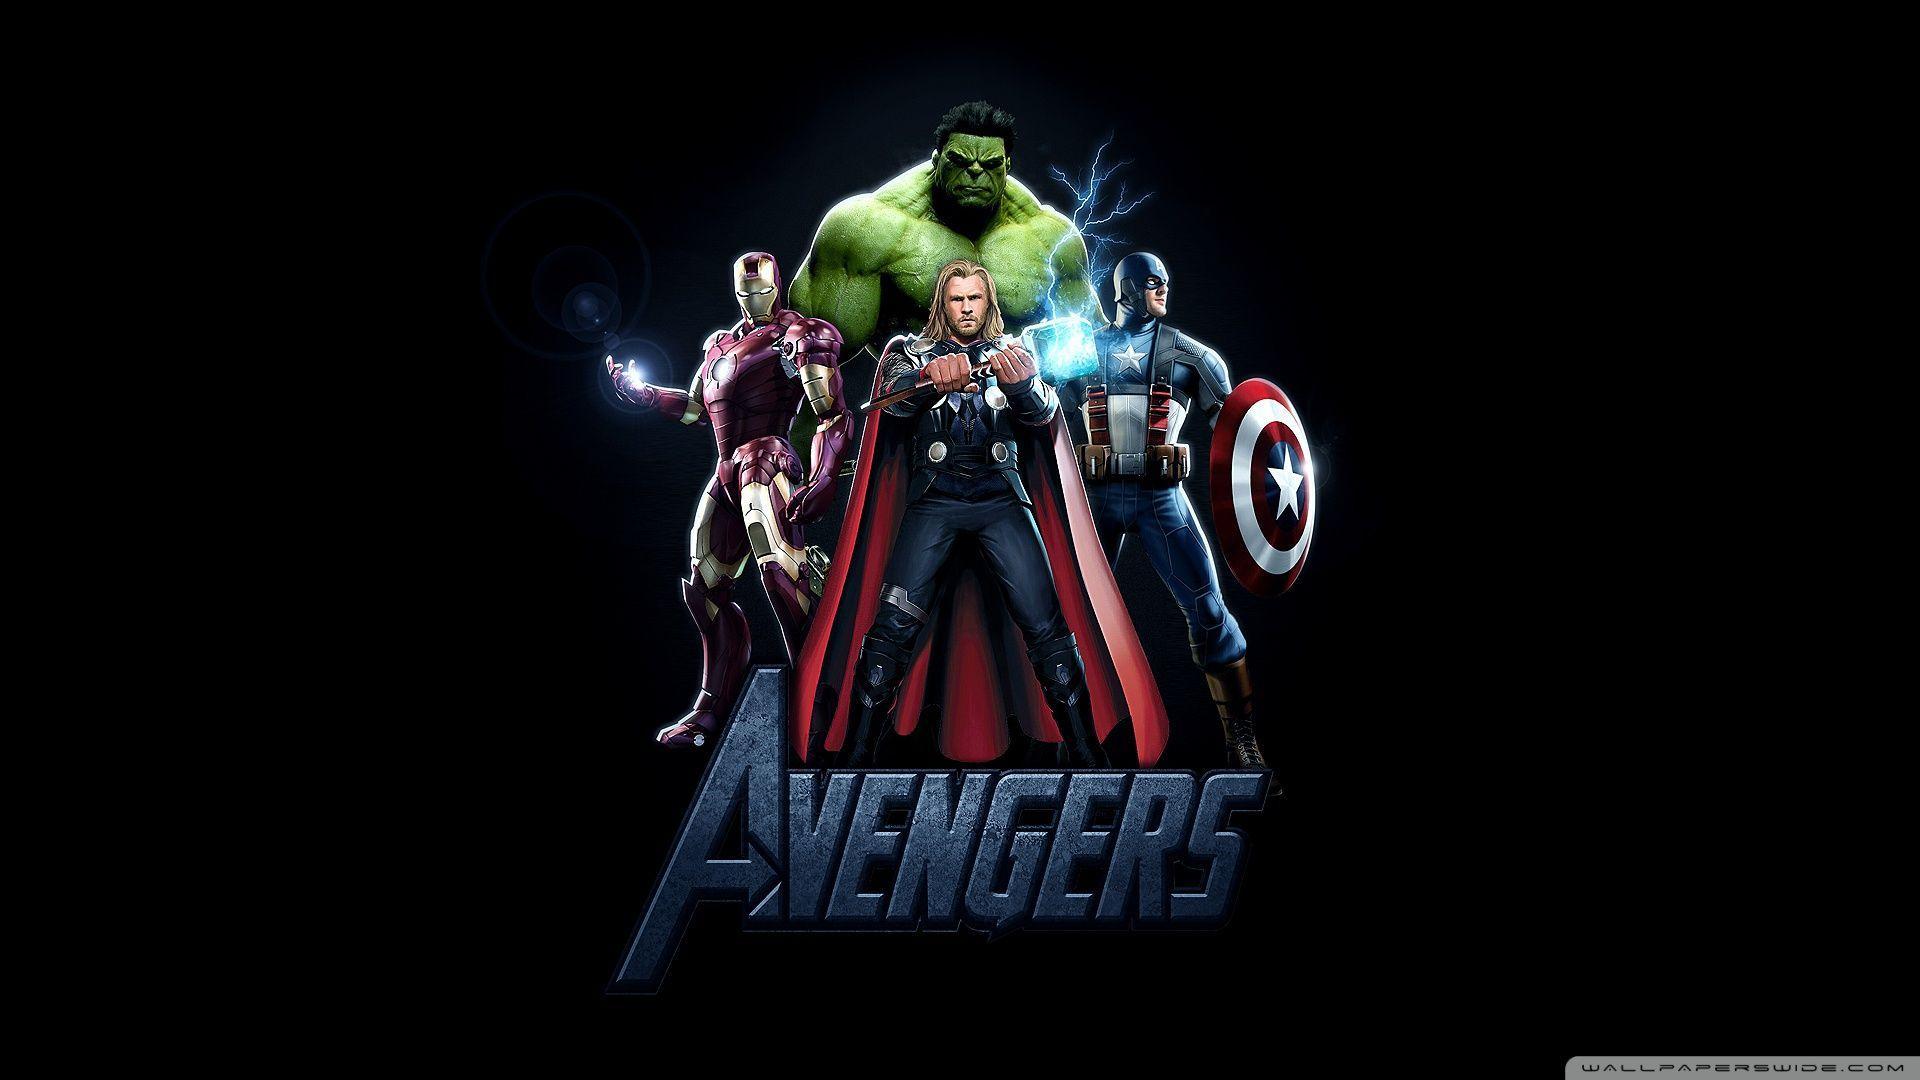 The Avengers Movie 2012 4K HD Desktop Wallpaper For Ultra